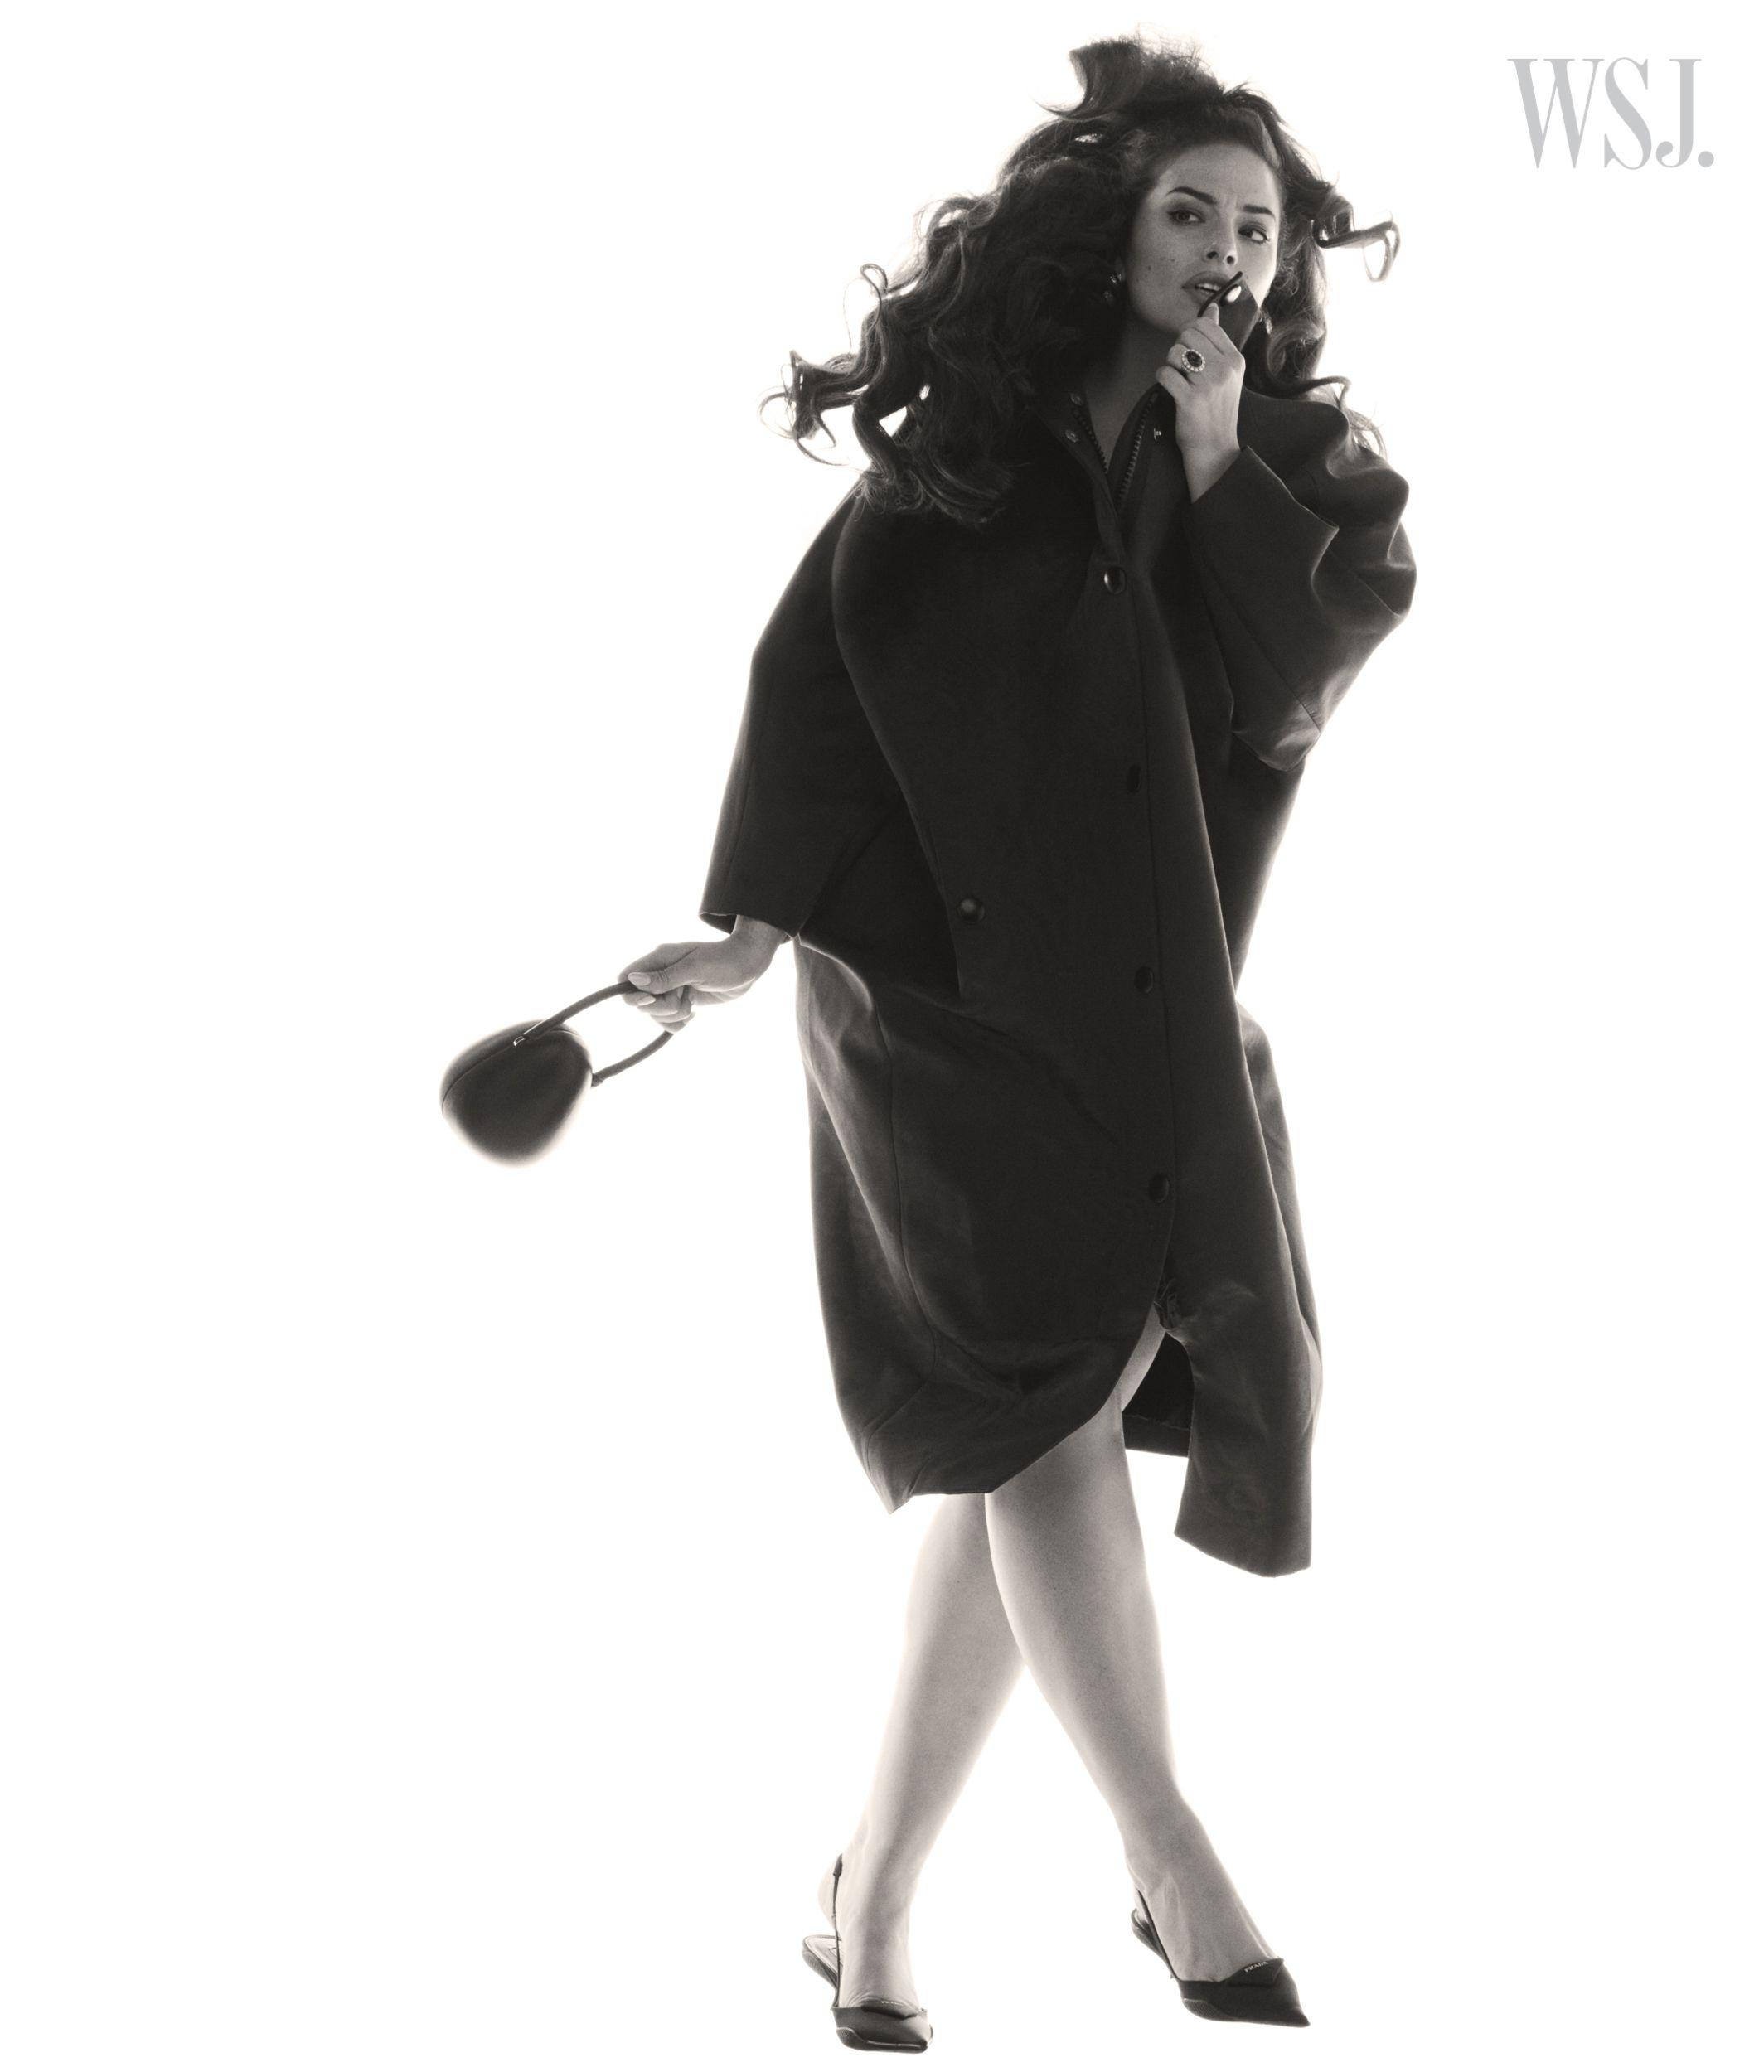 ashley-graham-plus-size-model-wsj-magazine-style-rave